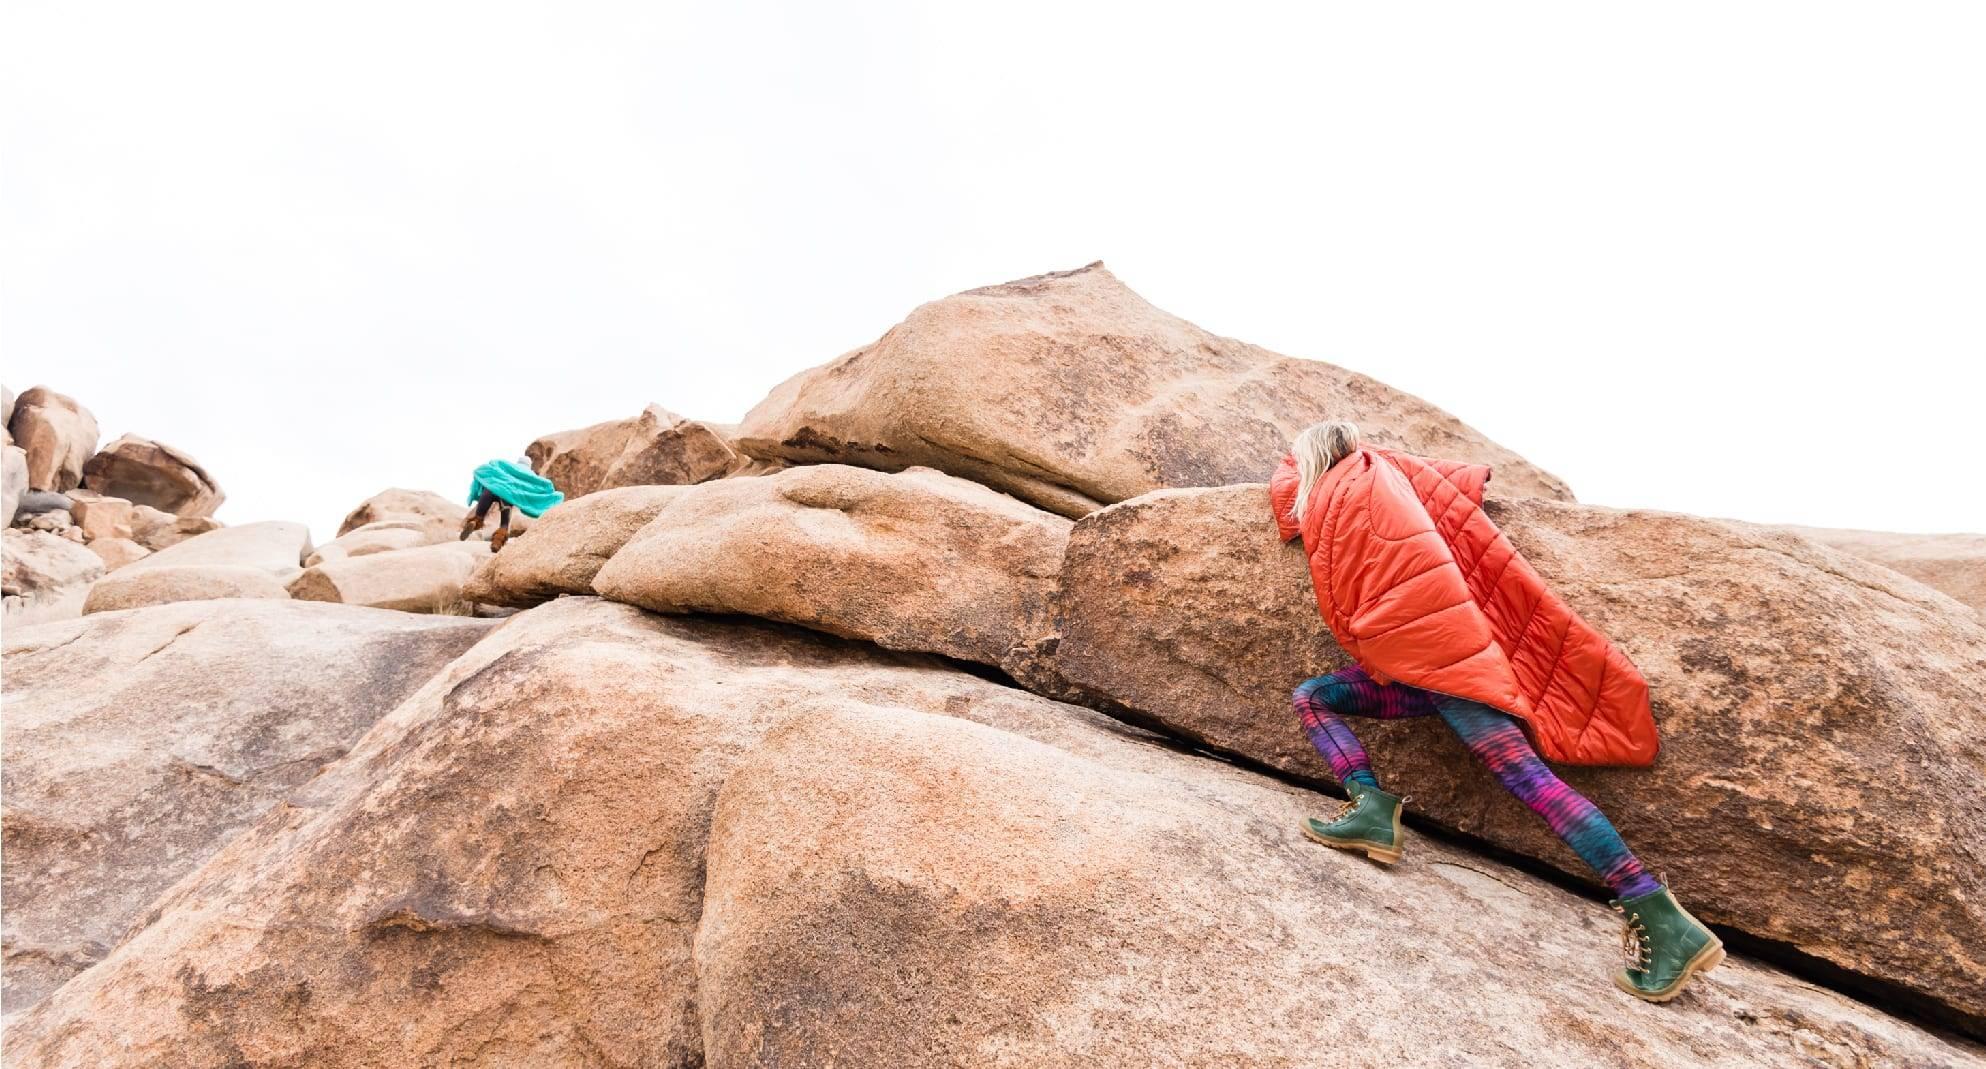 Bouldering with Rumpl